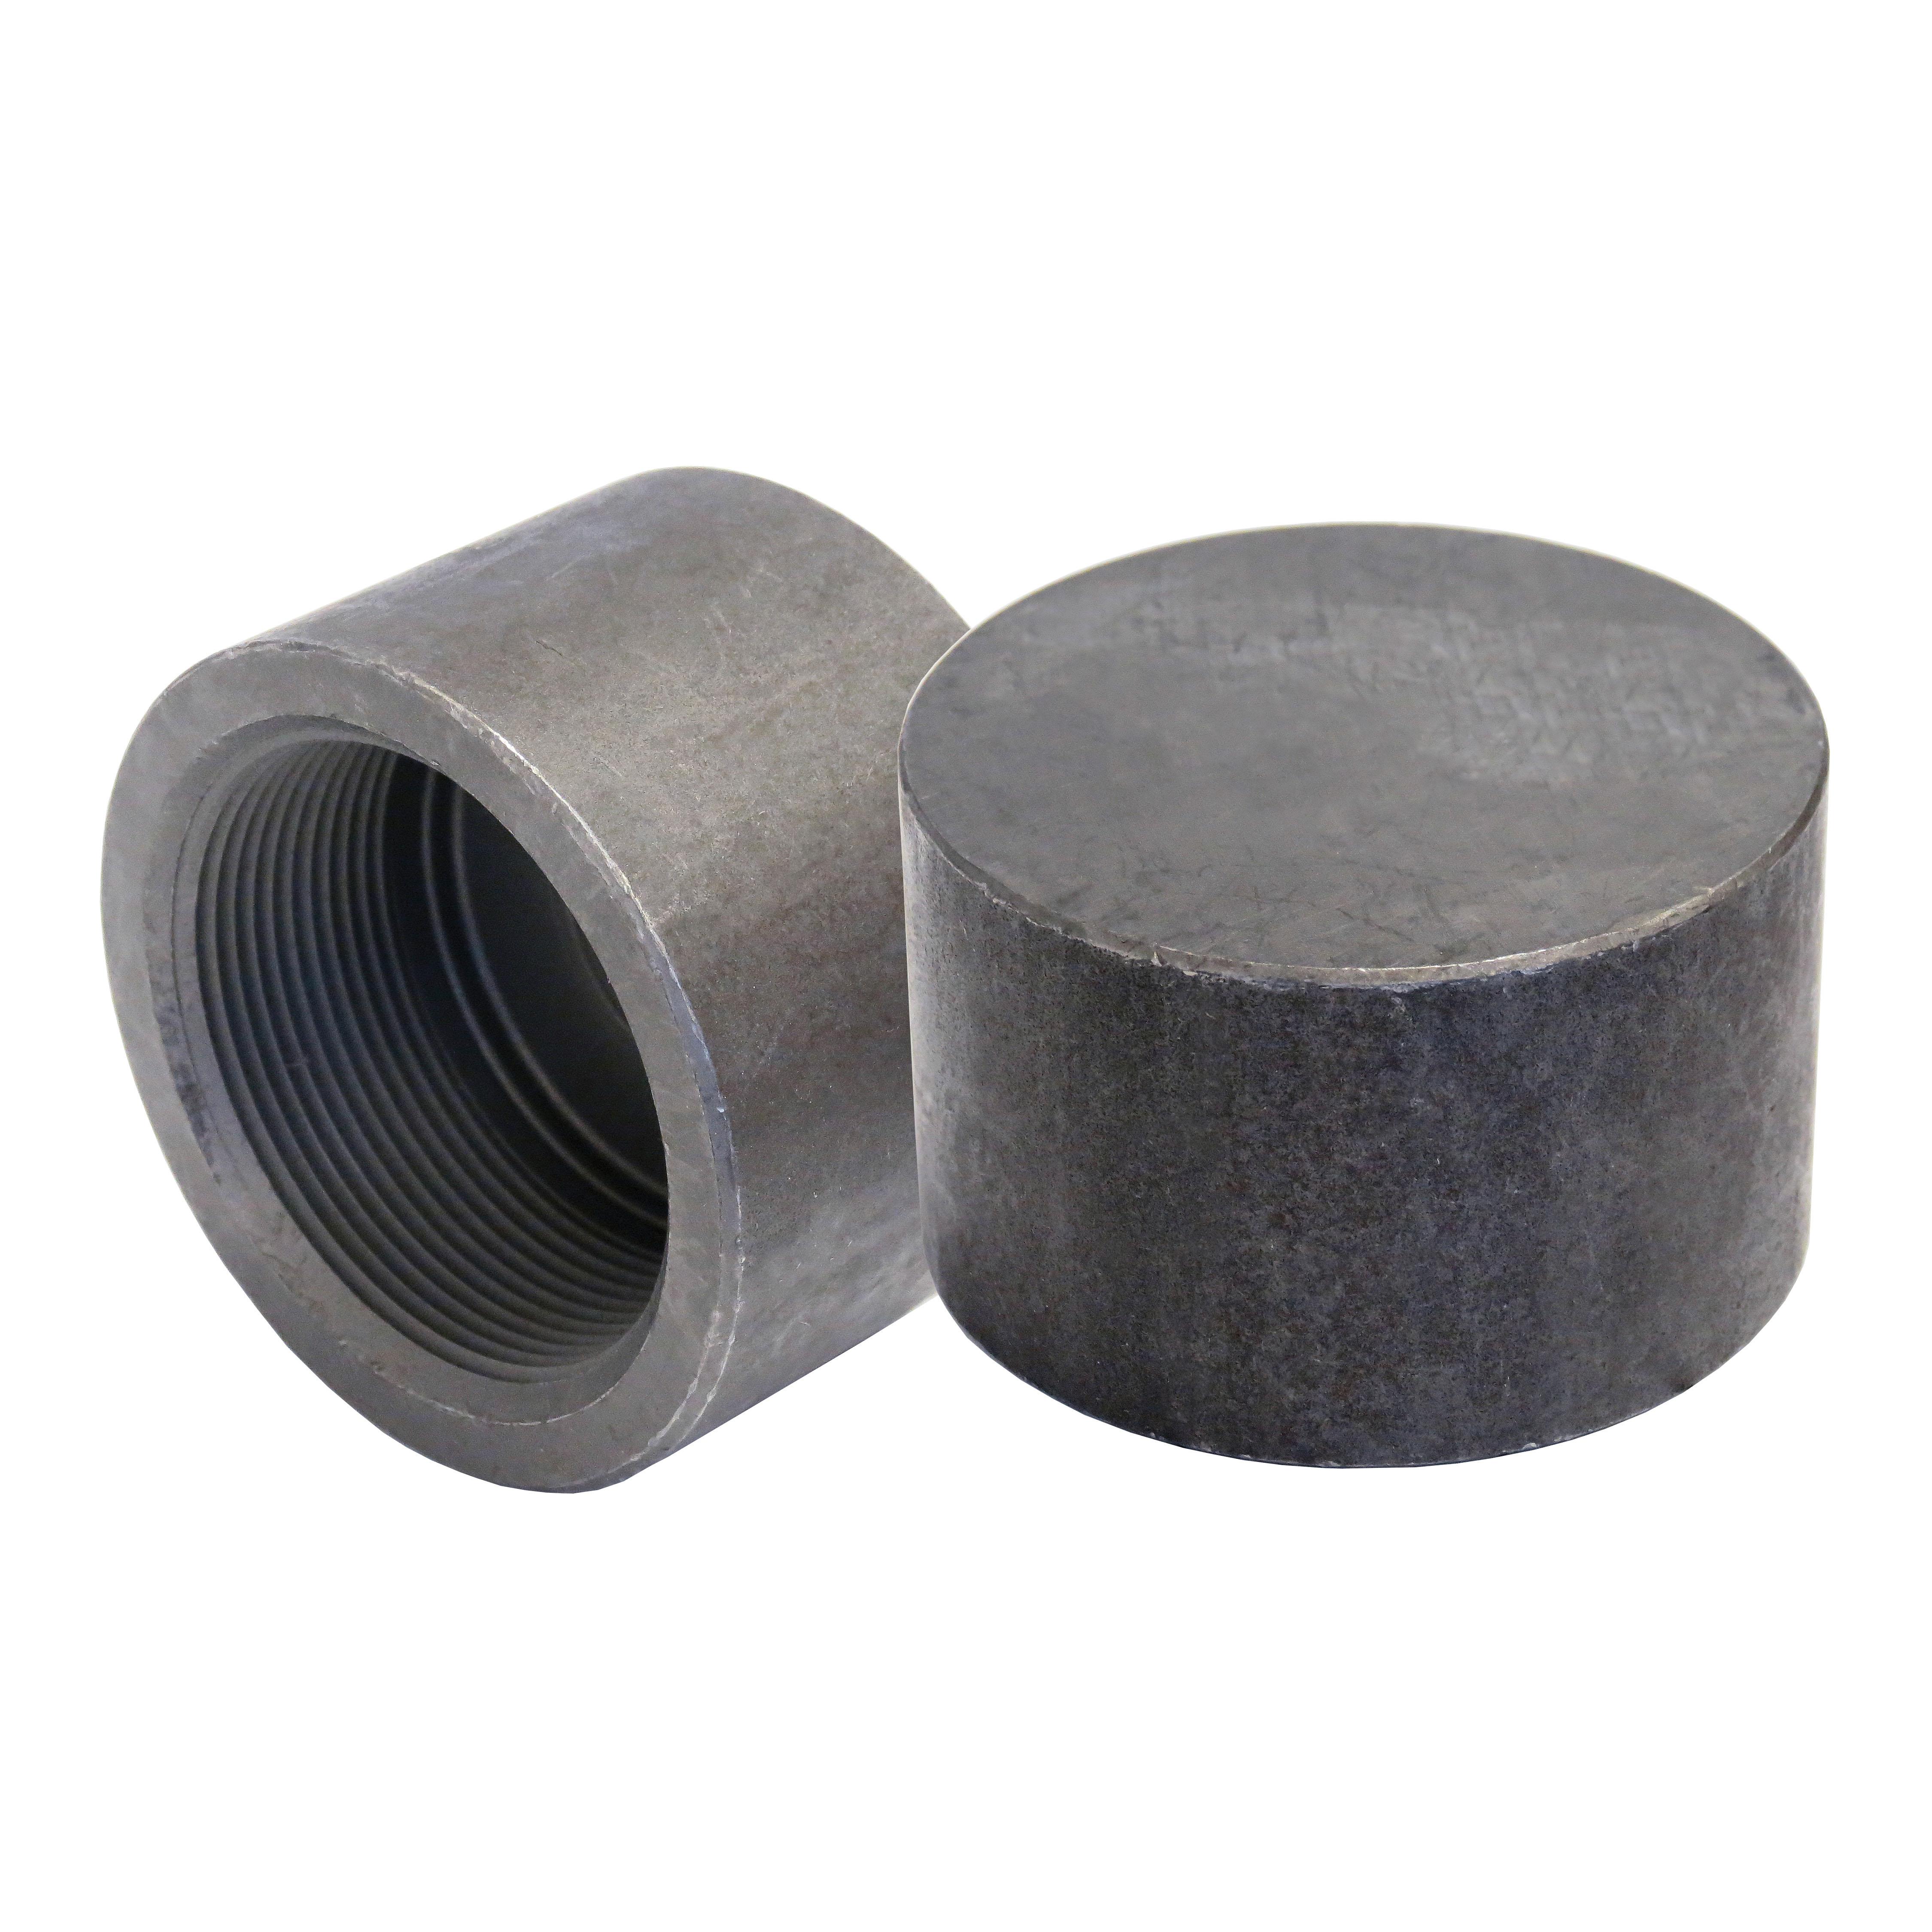 Anvil® 0361189608 FIG 2120 Pipe Cap, 2 in, NPT, 3000 lb, Steel, Black Oxide, Domestic